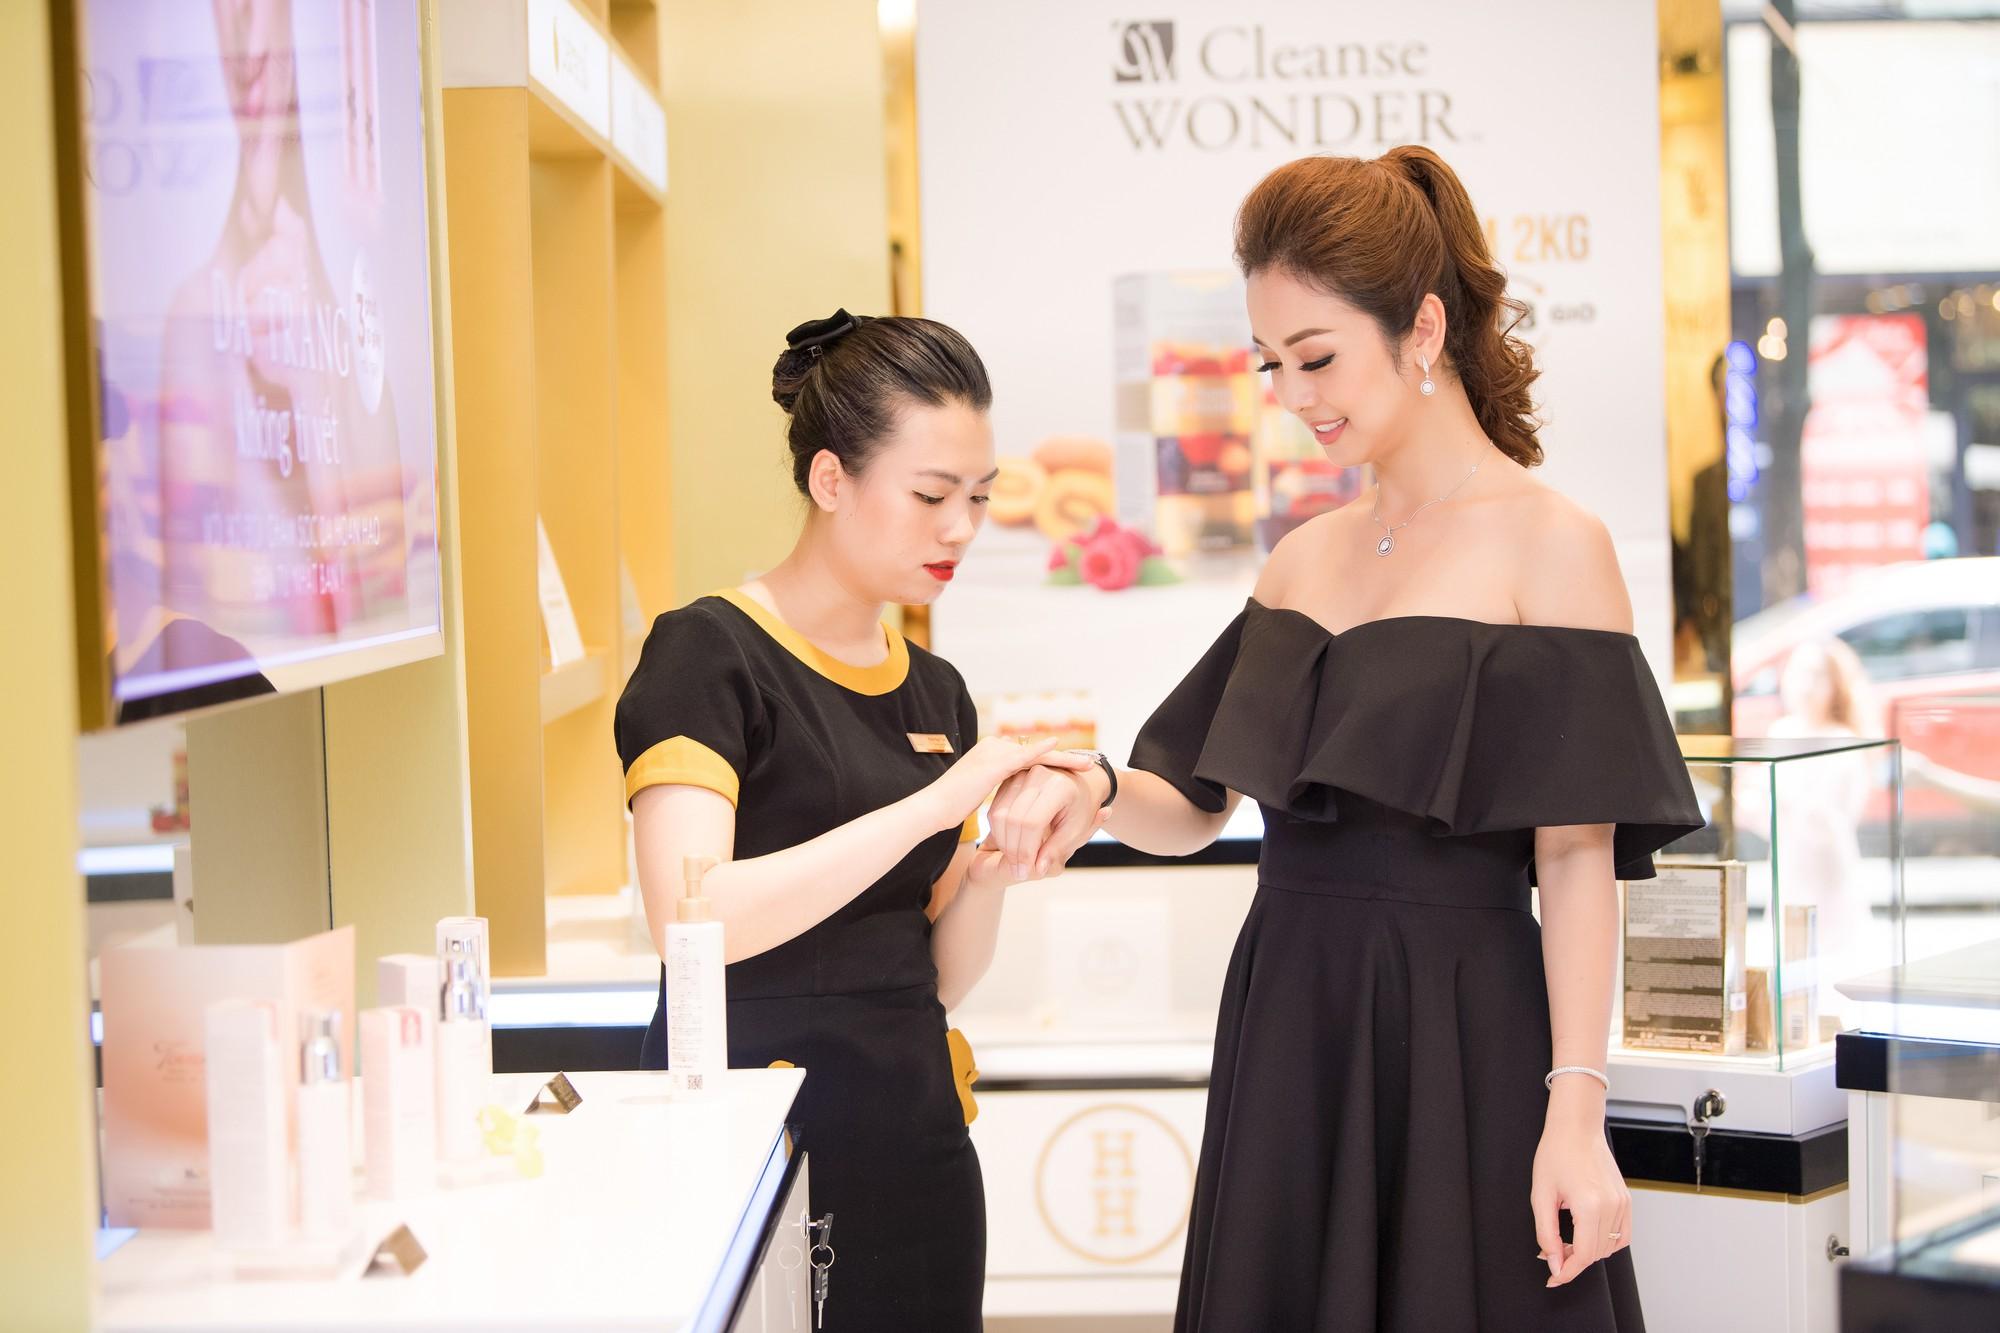 CEO Thanh Hằng Beauty Medi và quyết tâm tạo dựng chuỗi sản phẩm, dịch vụ làm đẹp khép kín dành cho người Việt - Ảnh 4.